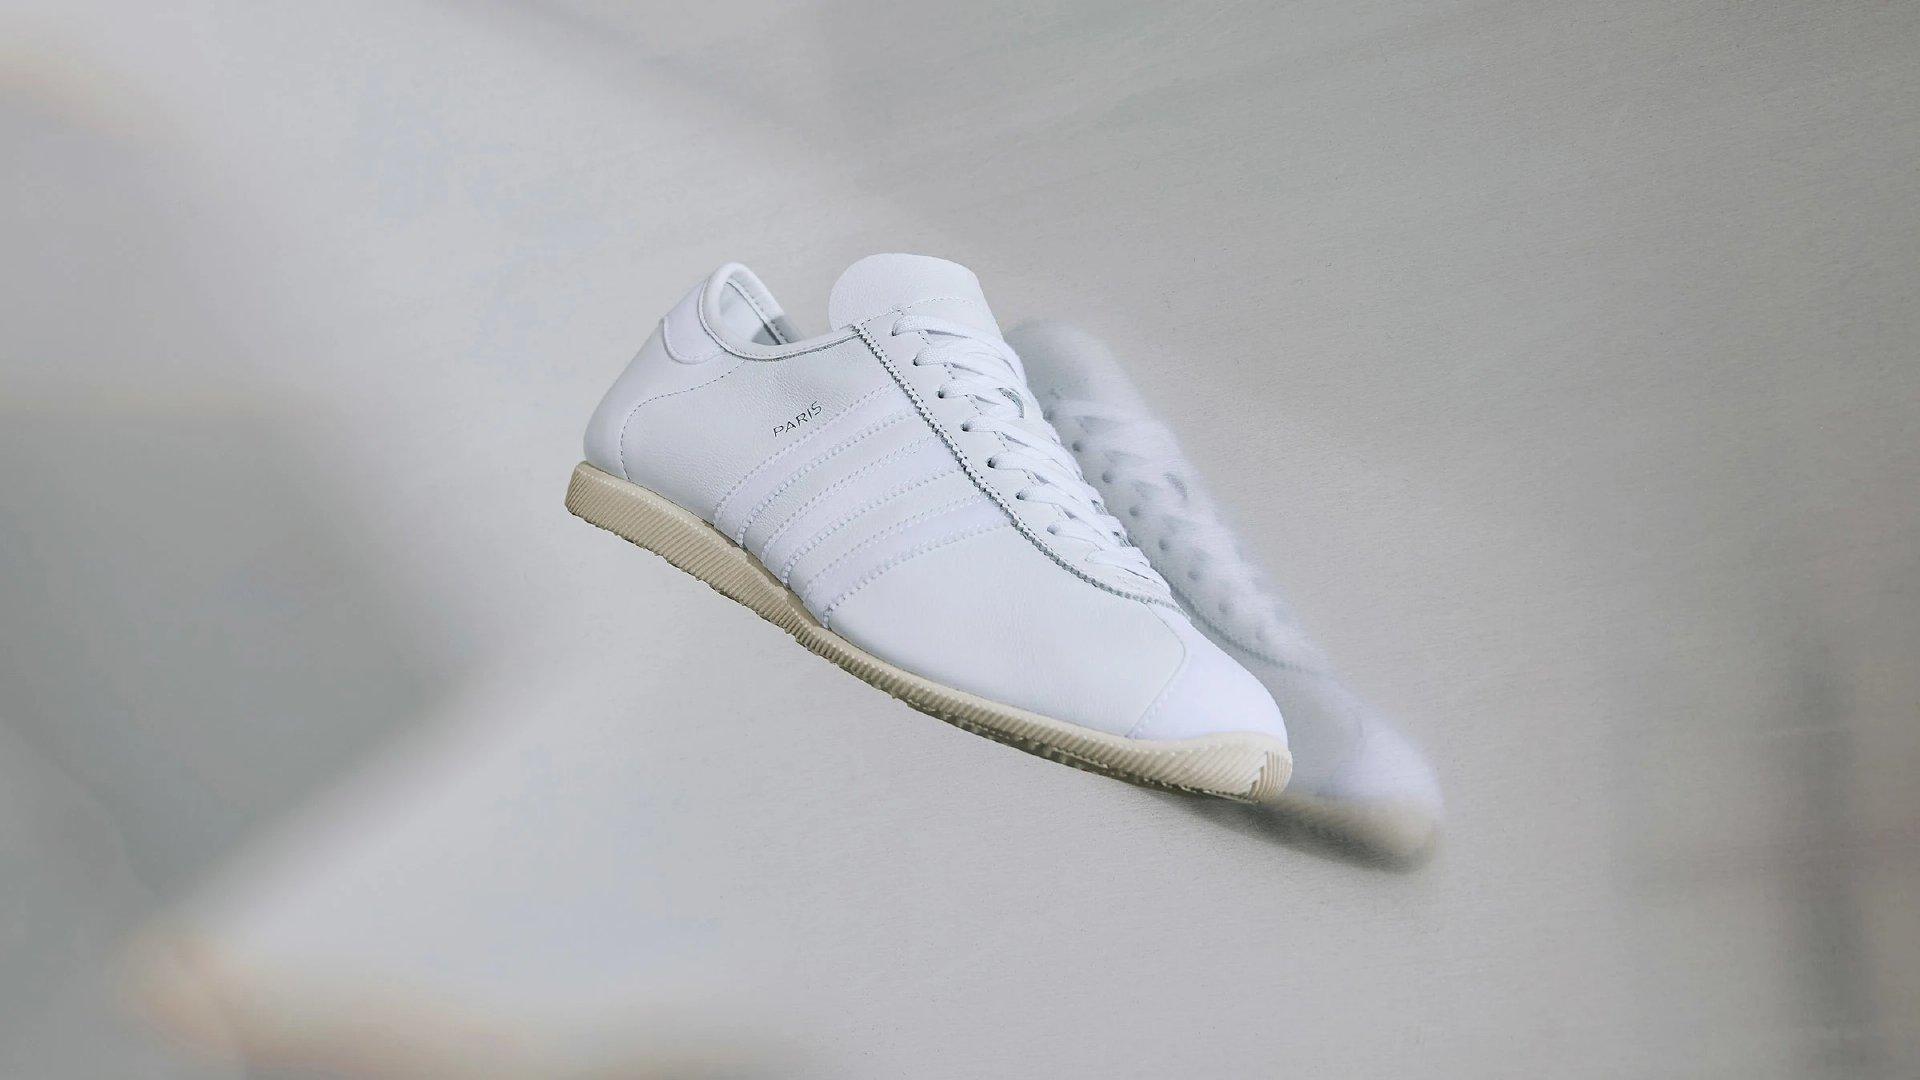 adidas 联合英国时尚店铺 END 推出独占限定款 adidas Paris